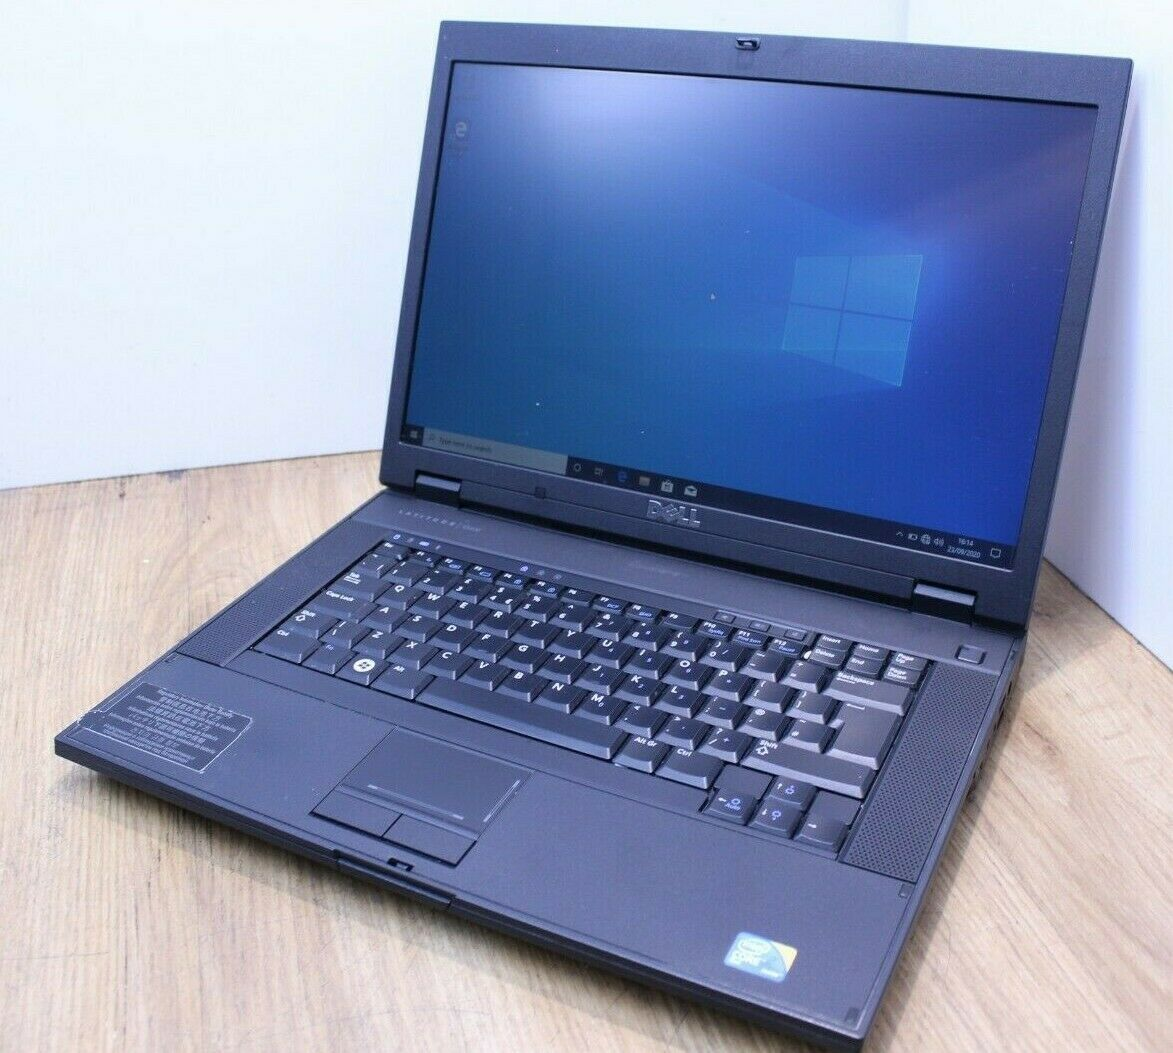 Laptop Windows - Dell Latitude E5500 Windows 10 Laptop Intel Core 2 Duo 2.4GHz 4GB 320GB HD